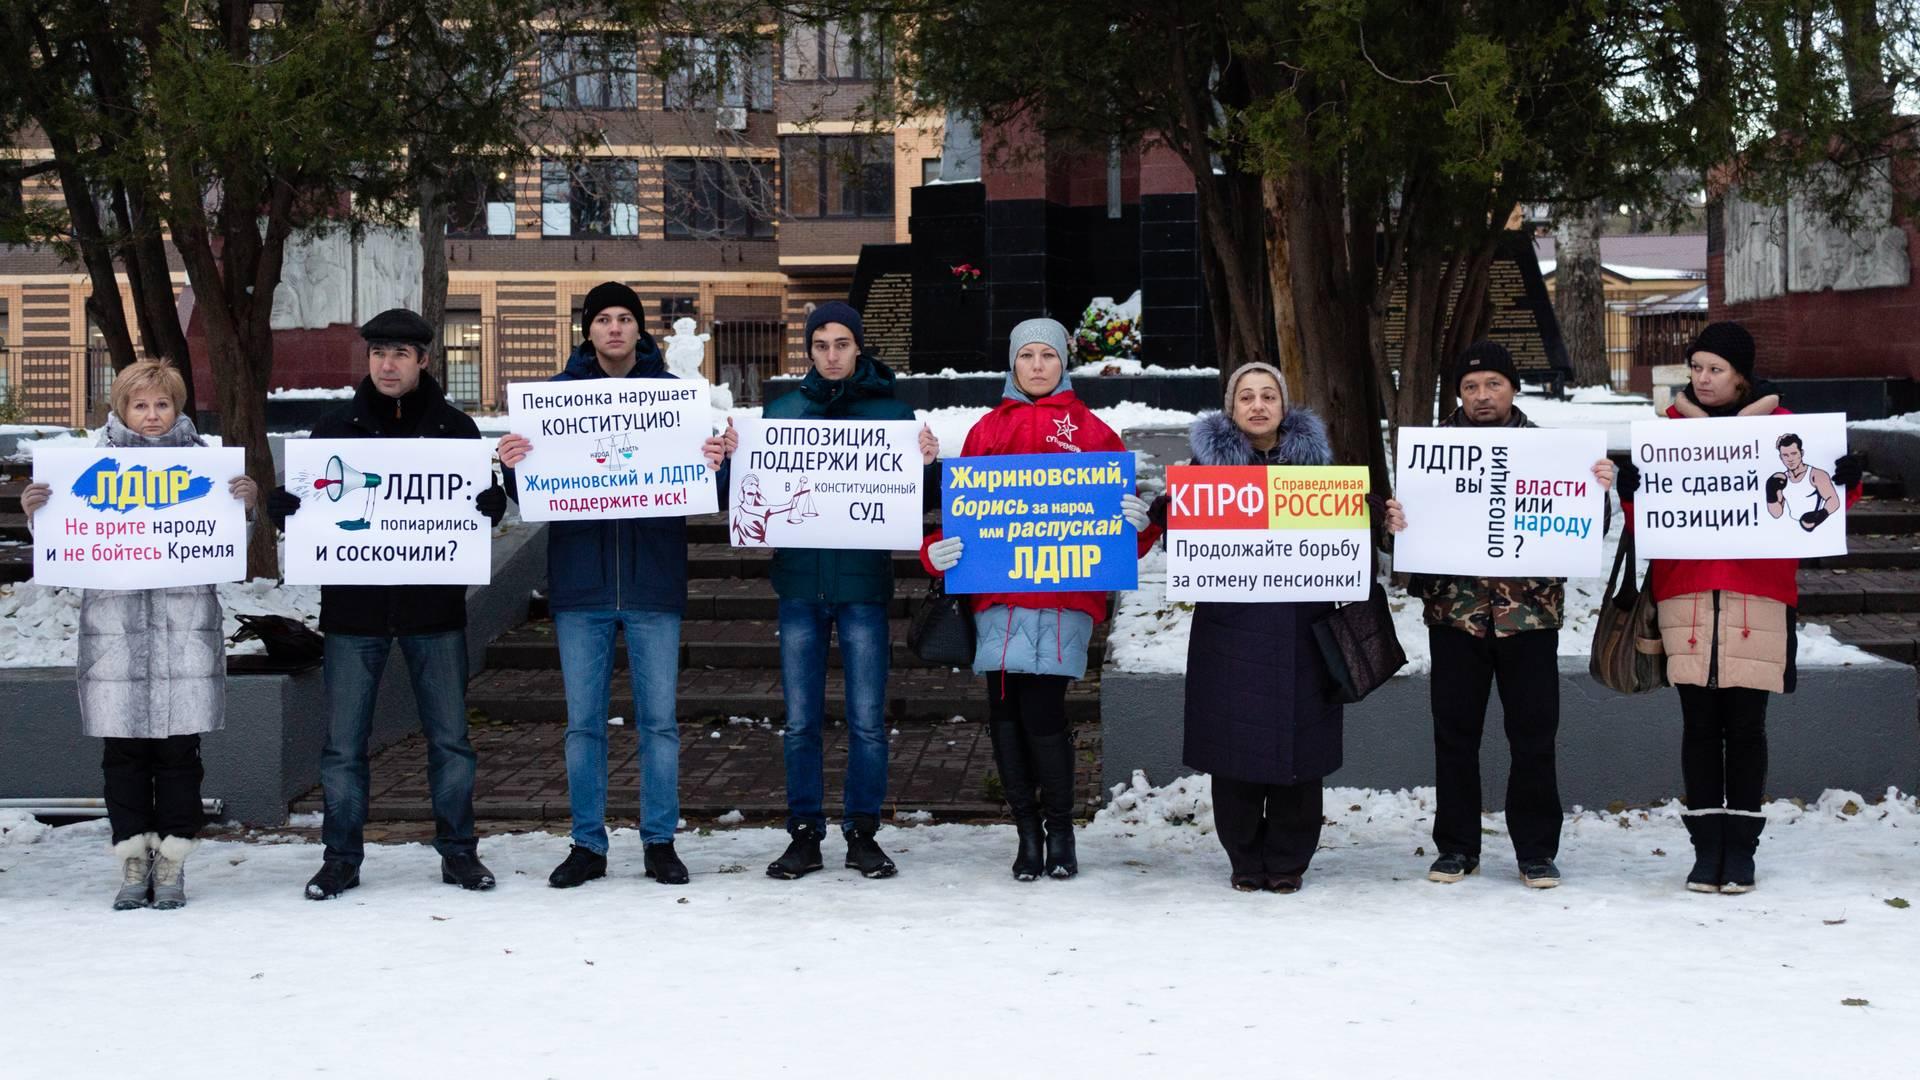 Массовый пикет против пенсионной реформы в Ростове-на-Дону